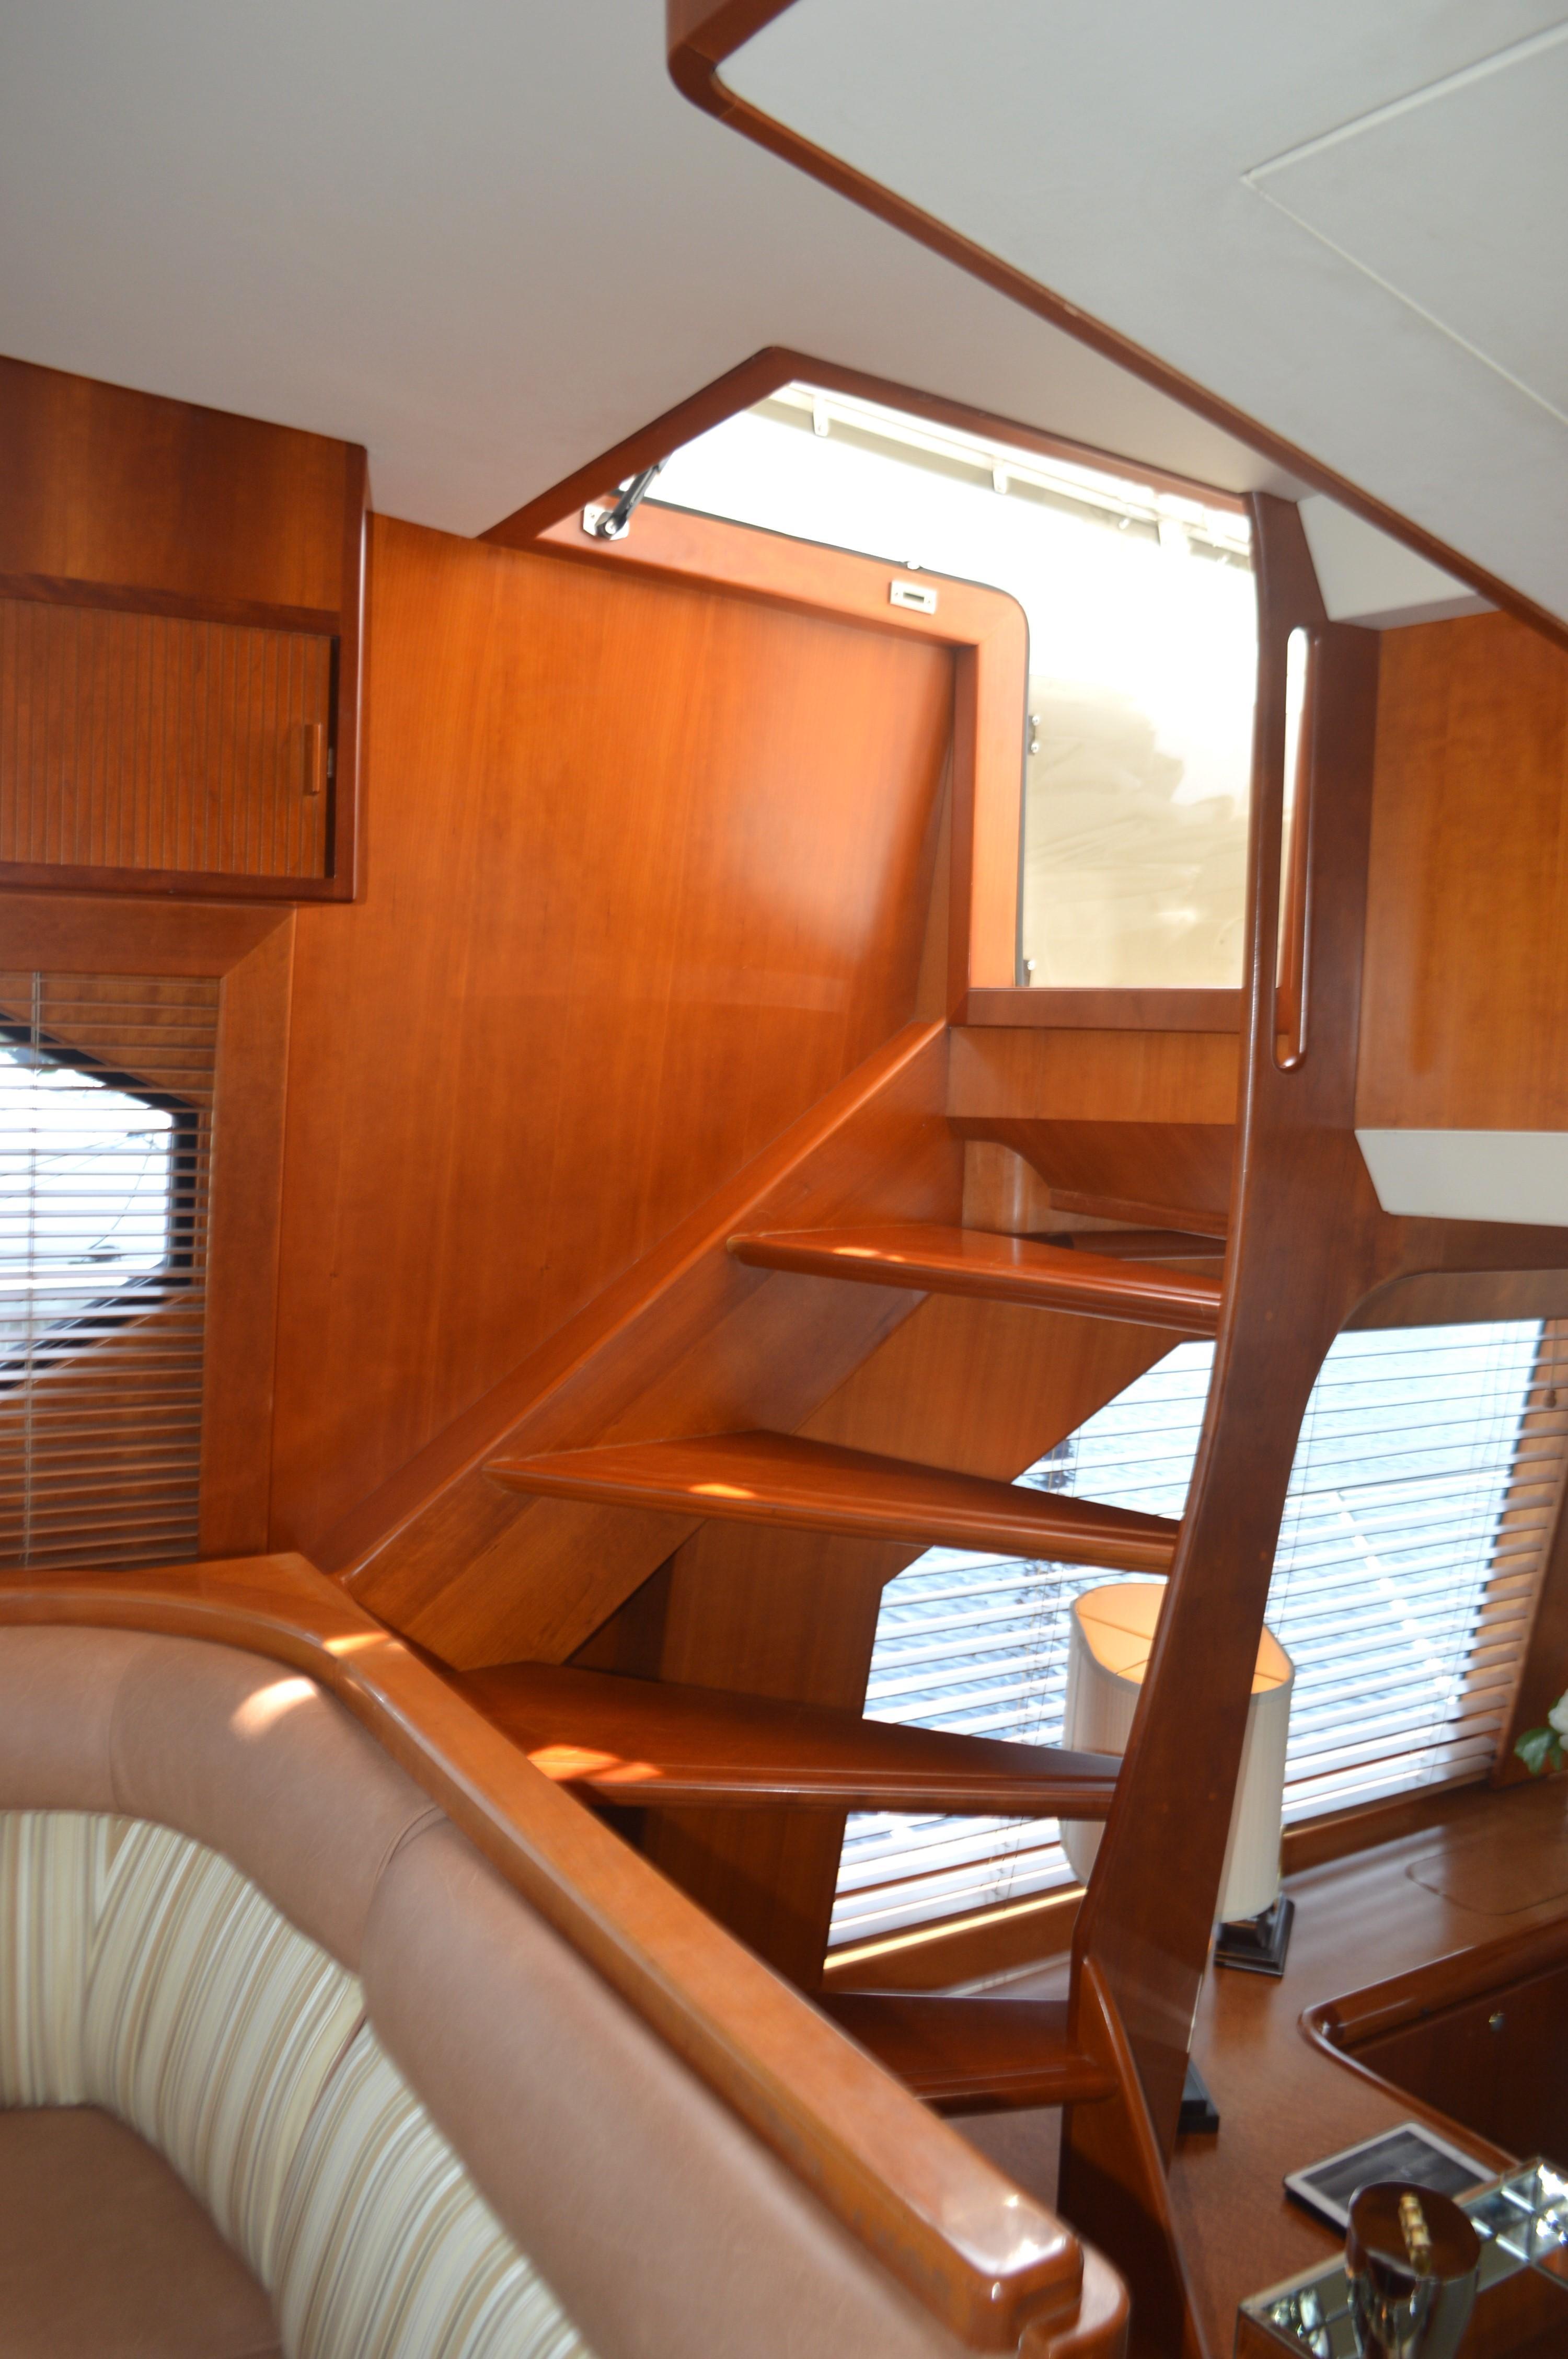 2001 58' West Bay Sonship